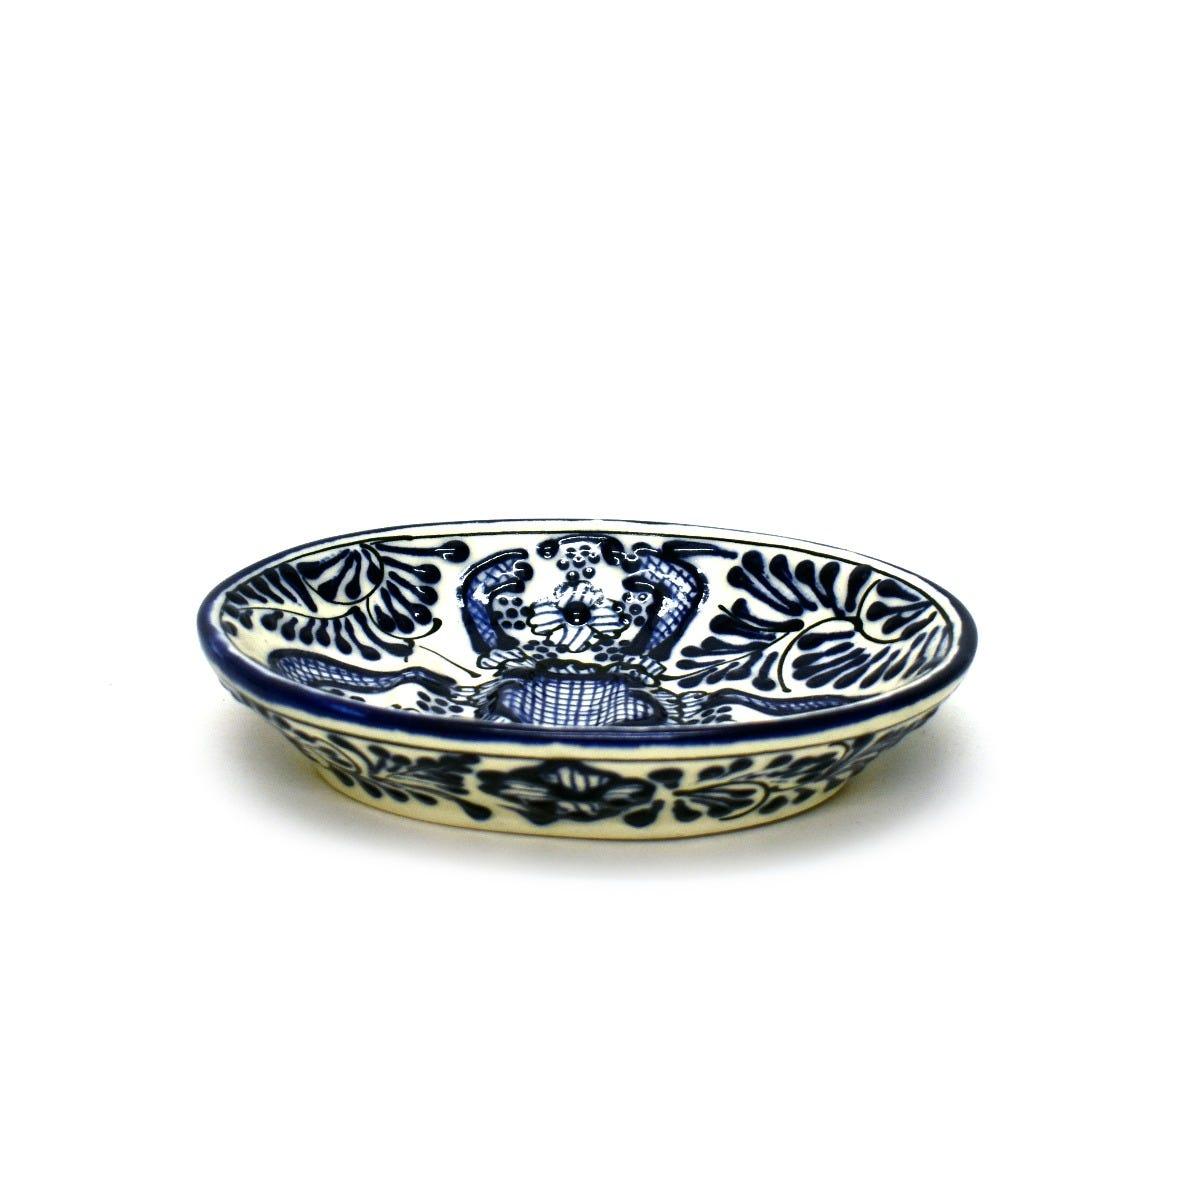 Jabonera con relieve en azul